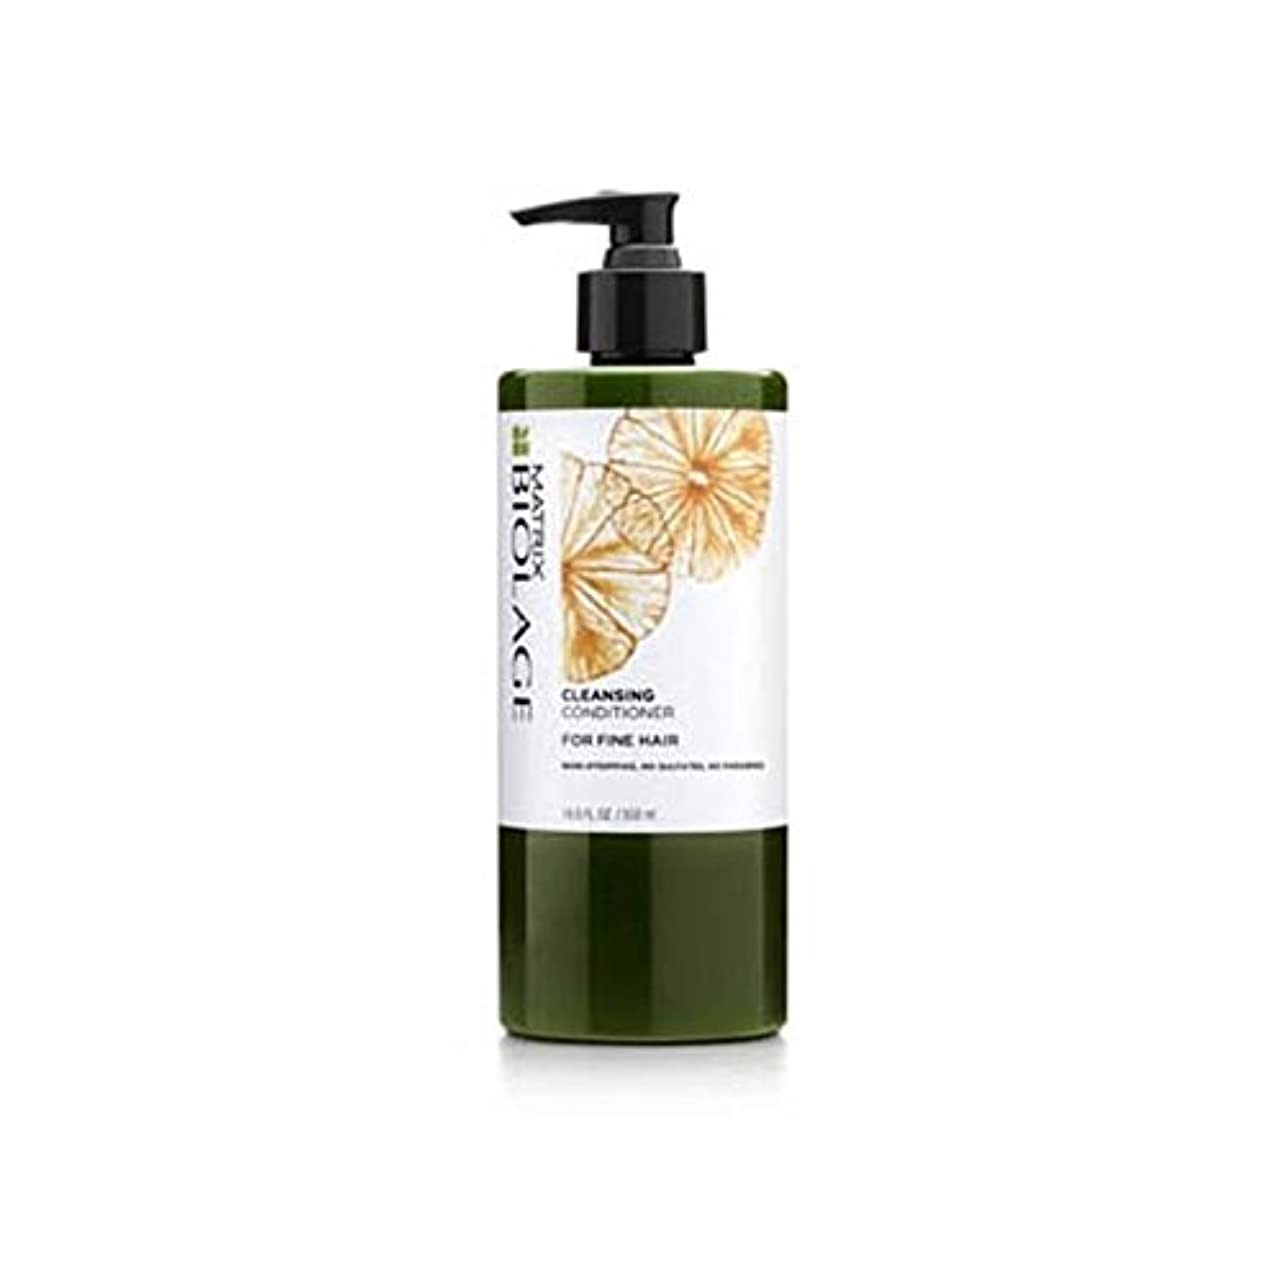 セッティング年齢語マトリックスバイオレイジクレンジングコンディショナー - 細い髪(500ミリリットル) x4 - Matrix Biolage Cleansing Conditioner - Fine Hair (500ml) (Pack...